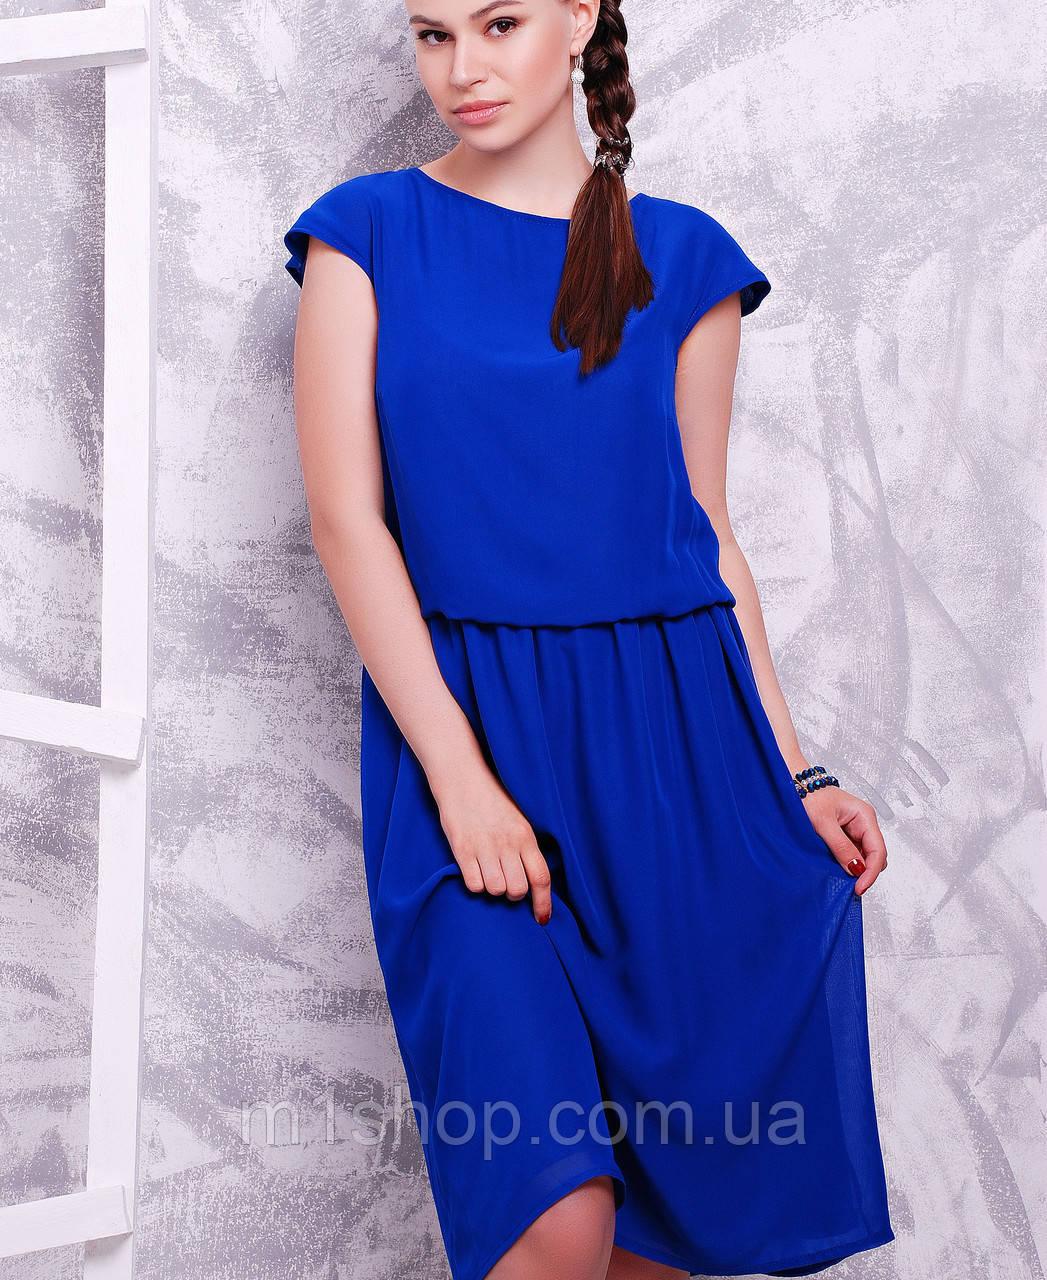 46b68c743f2 Женское шифоновое платье (1601 mrs) купить недорого Украина ...